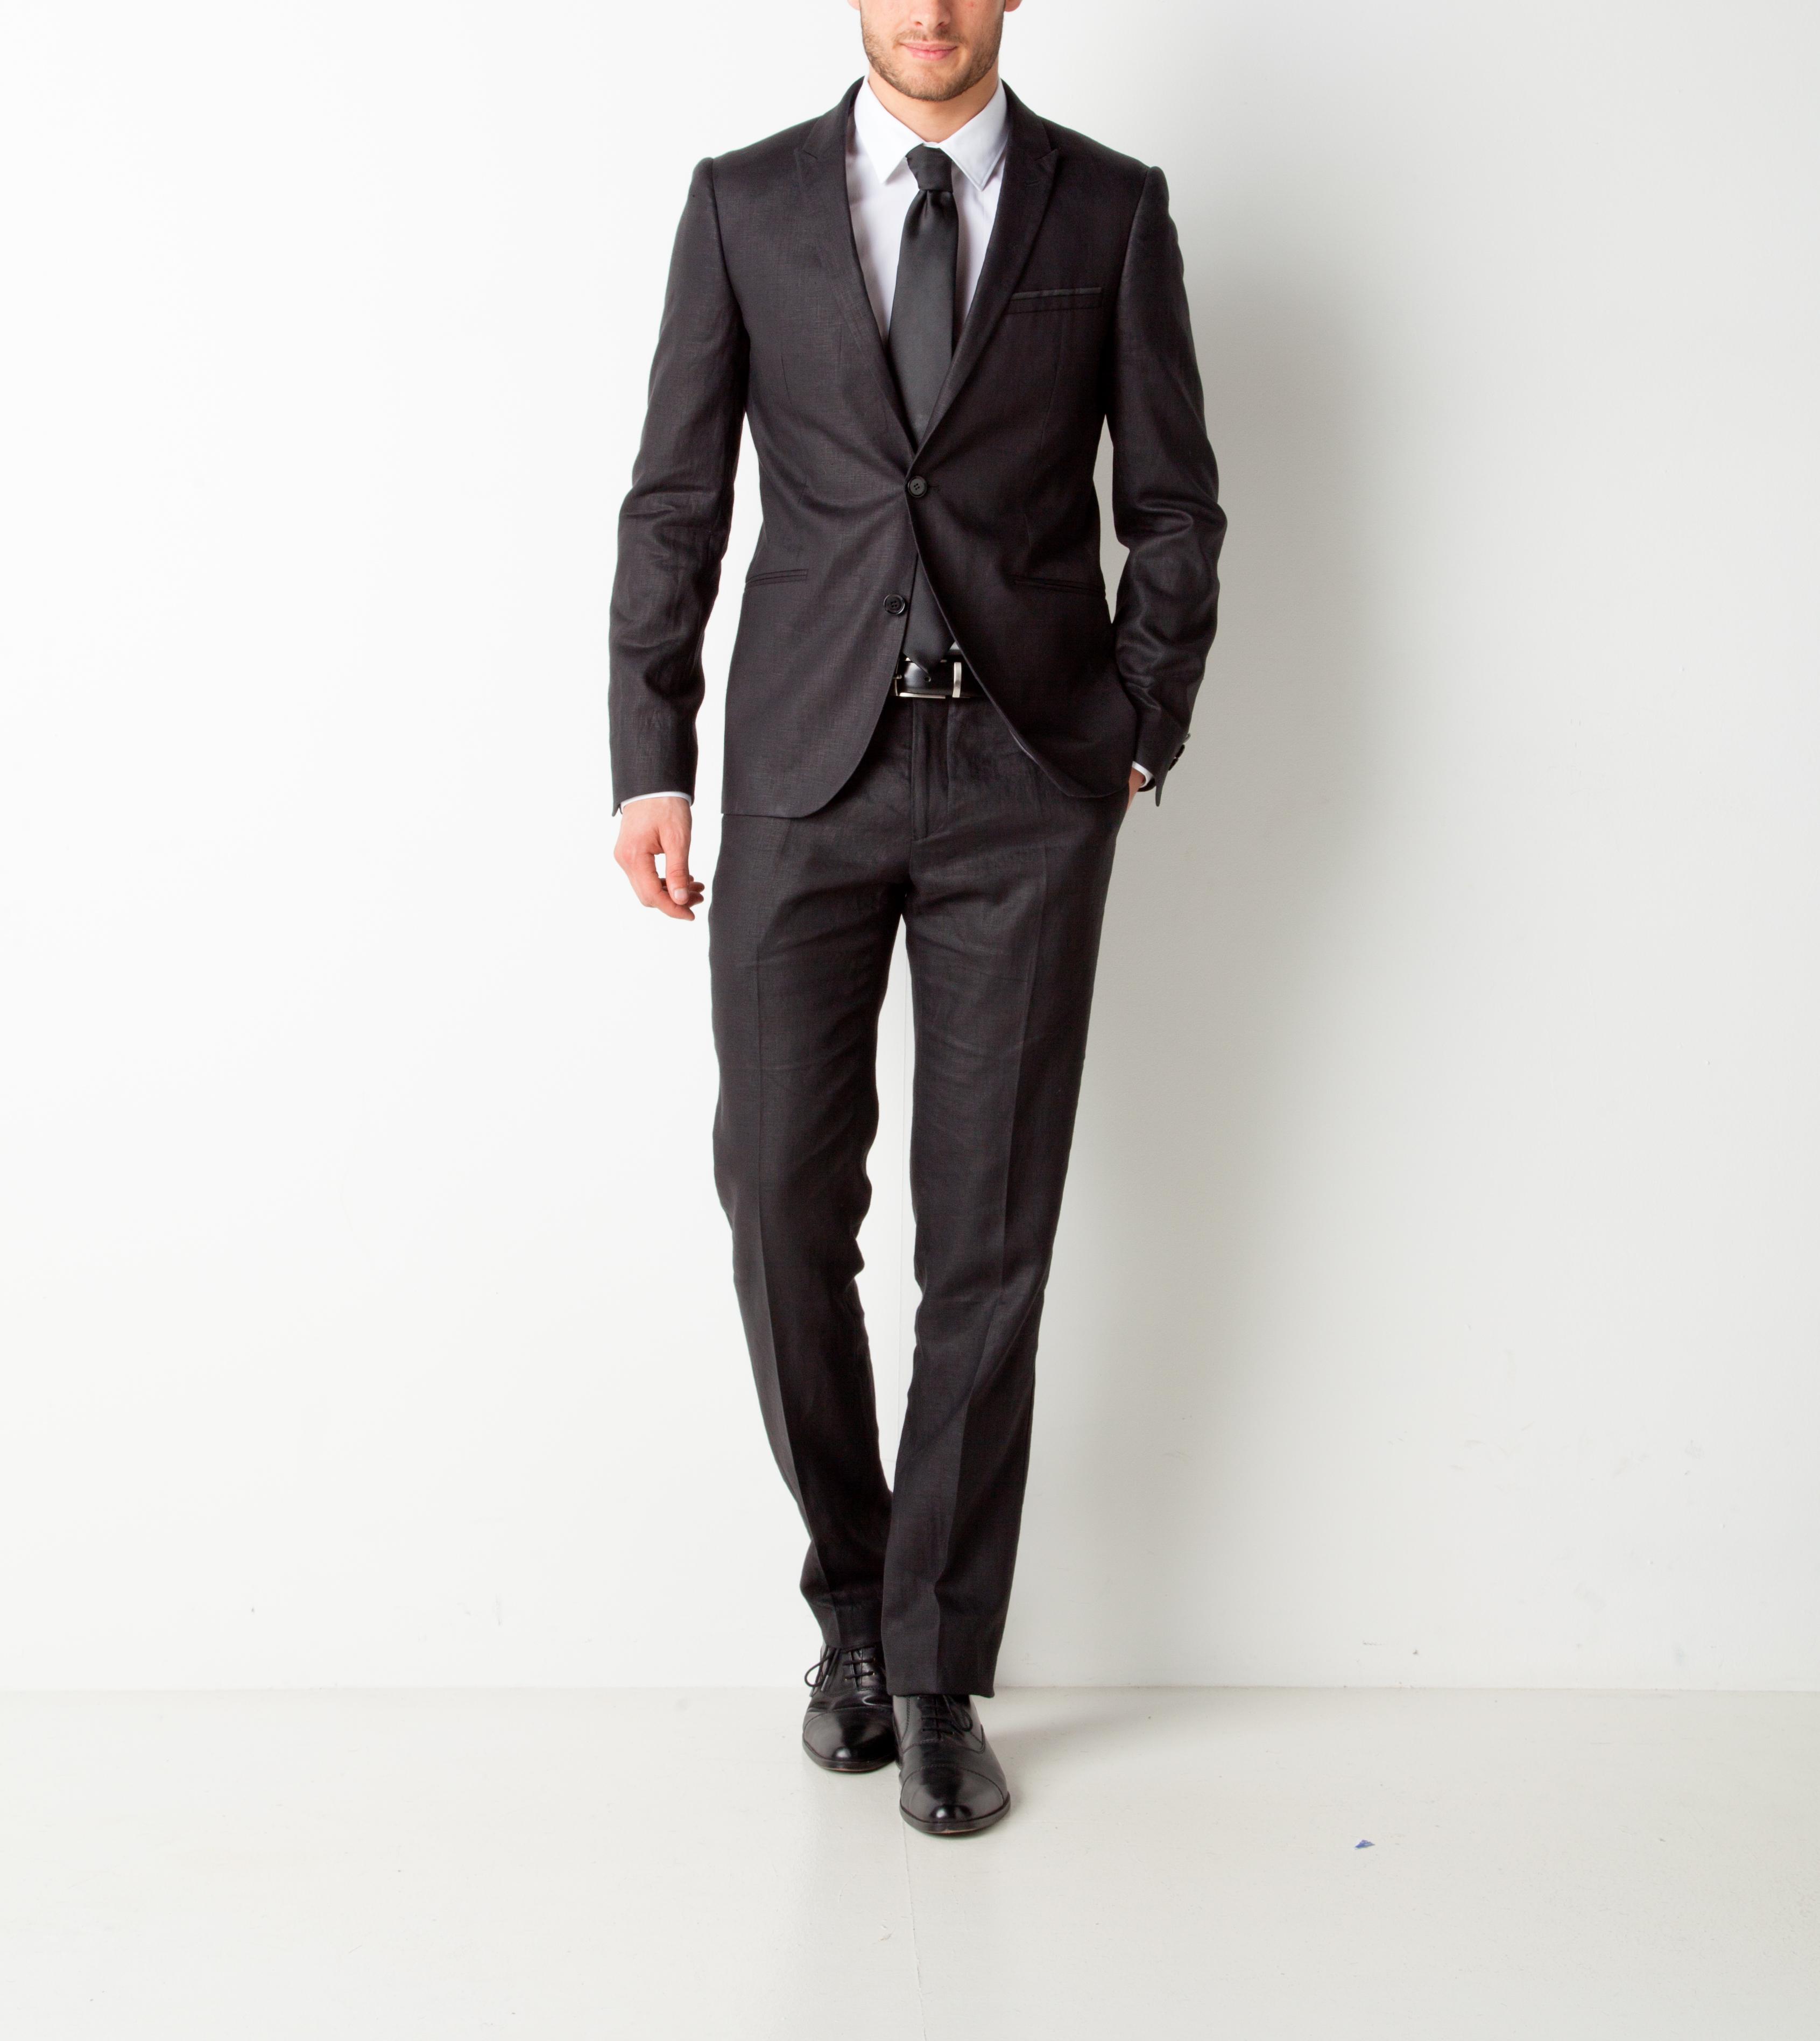 Je veux trouver mon costume de mariage pas cher et les mieux notés du web  Costume homme en lin f547e8d6ffe